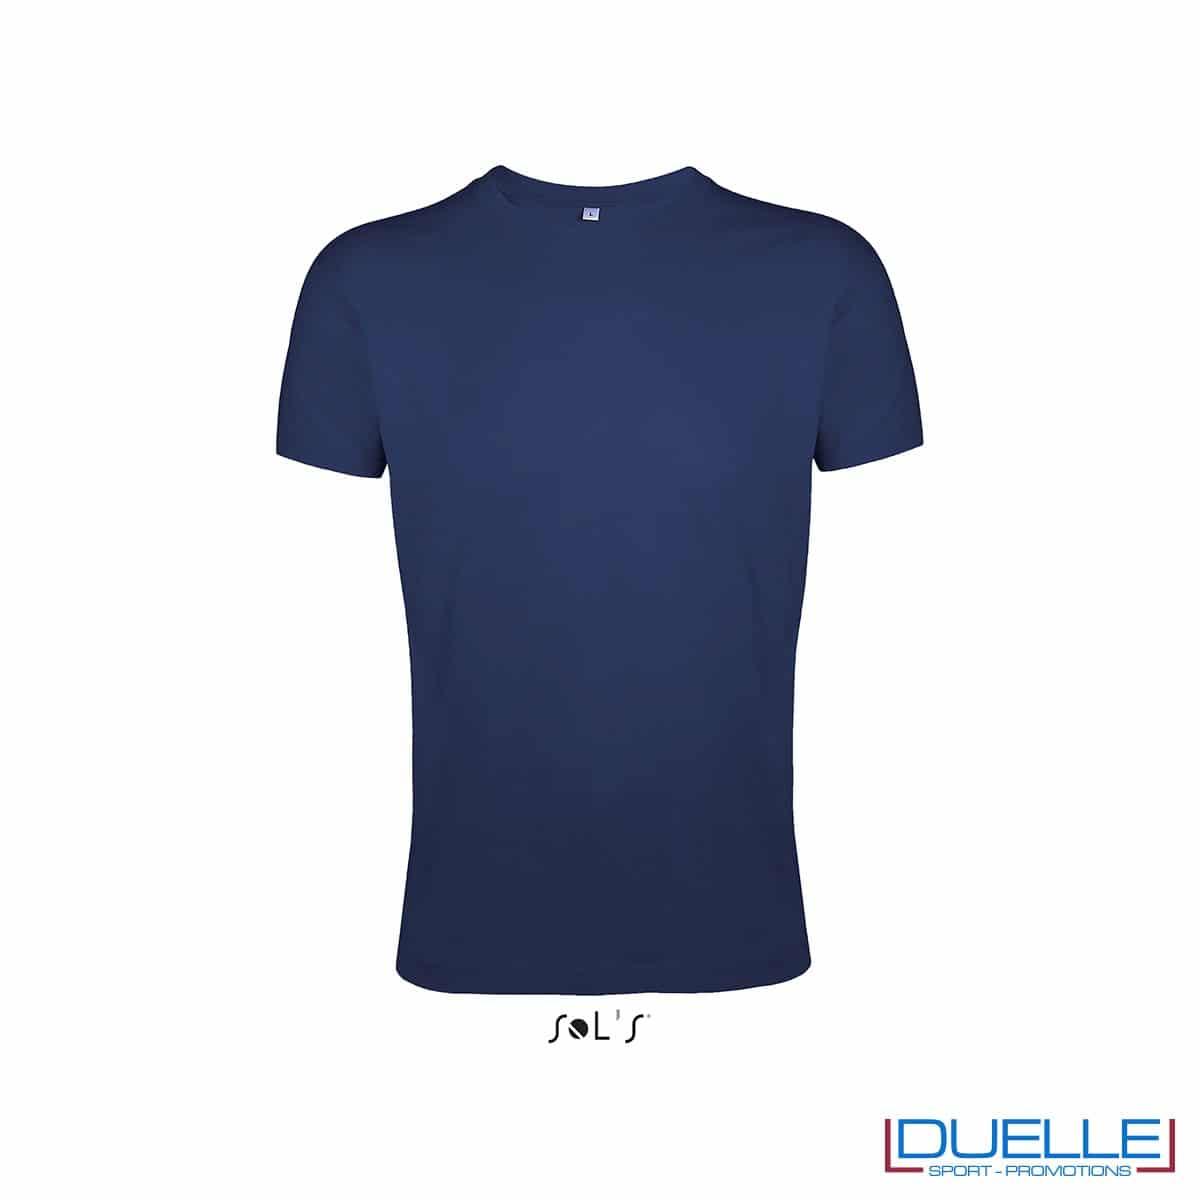 T-shirt uomo personalizzata slim-fit girocollo colore blu oltremare